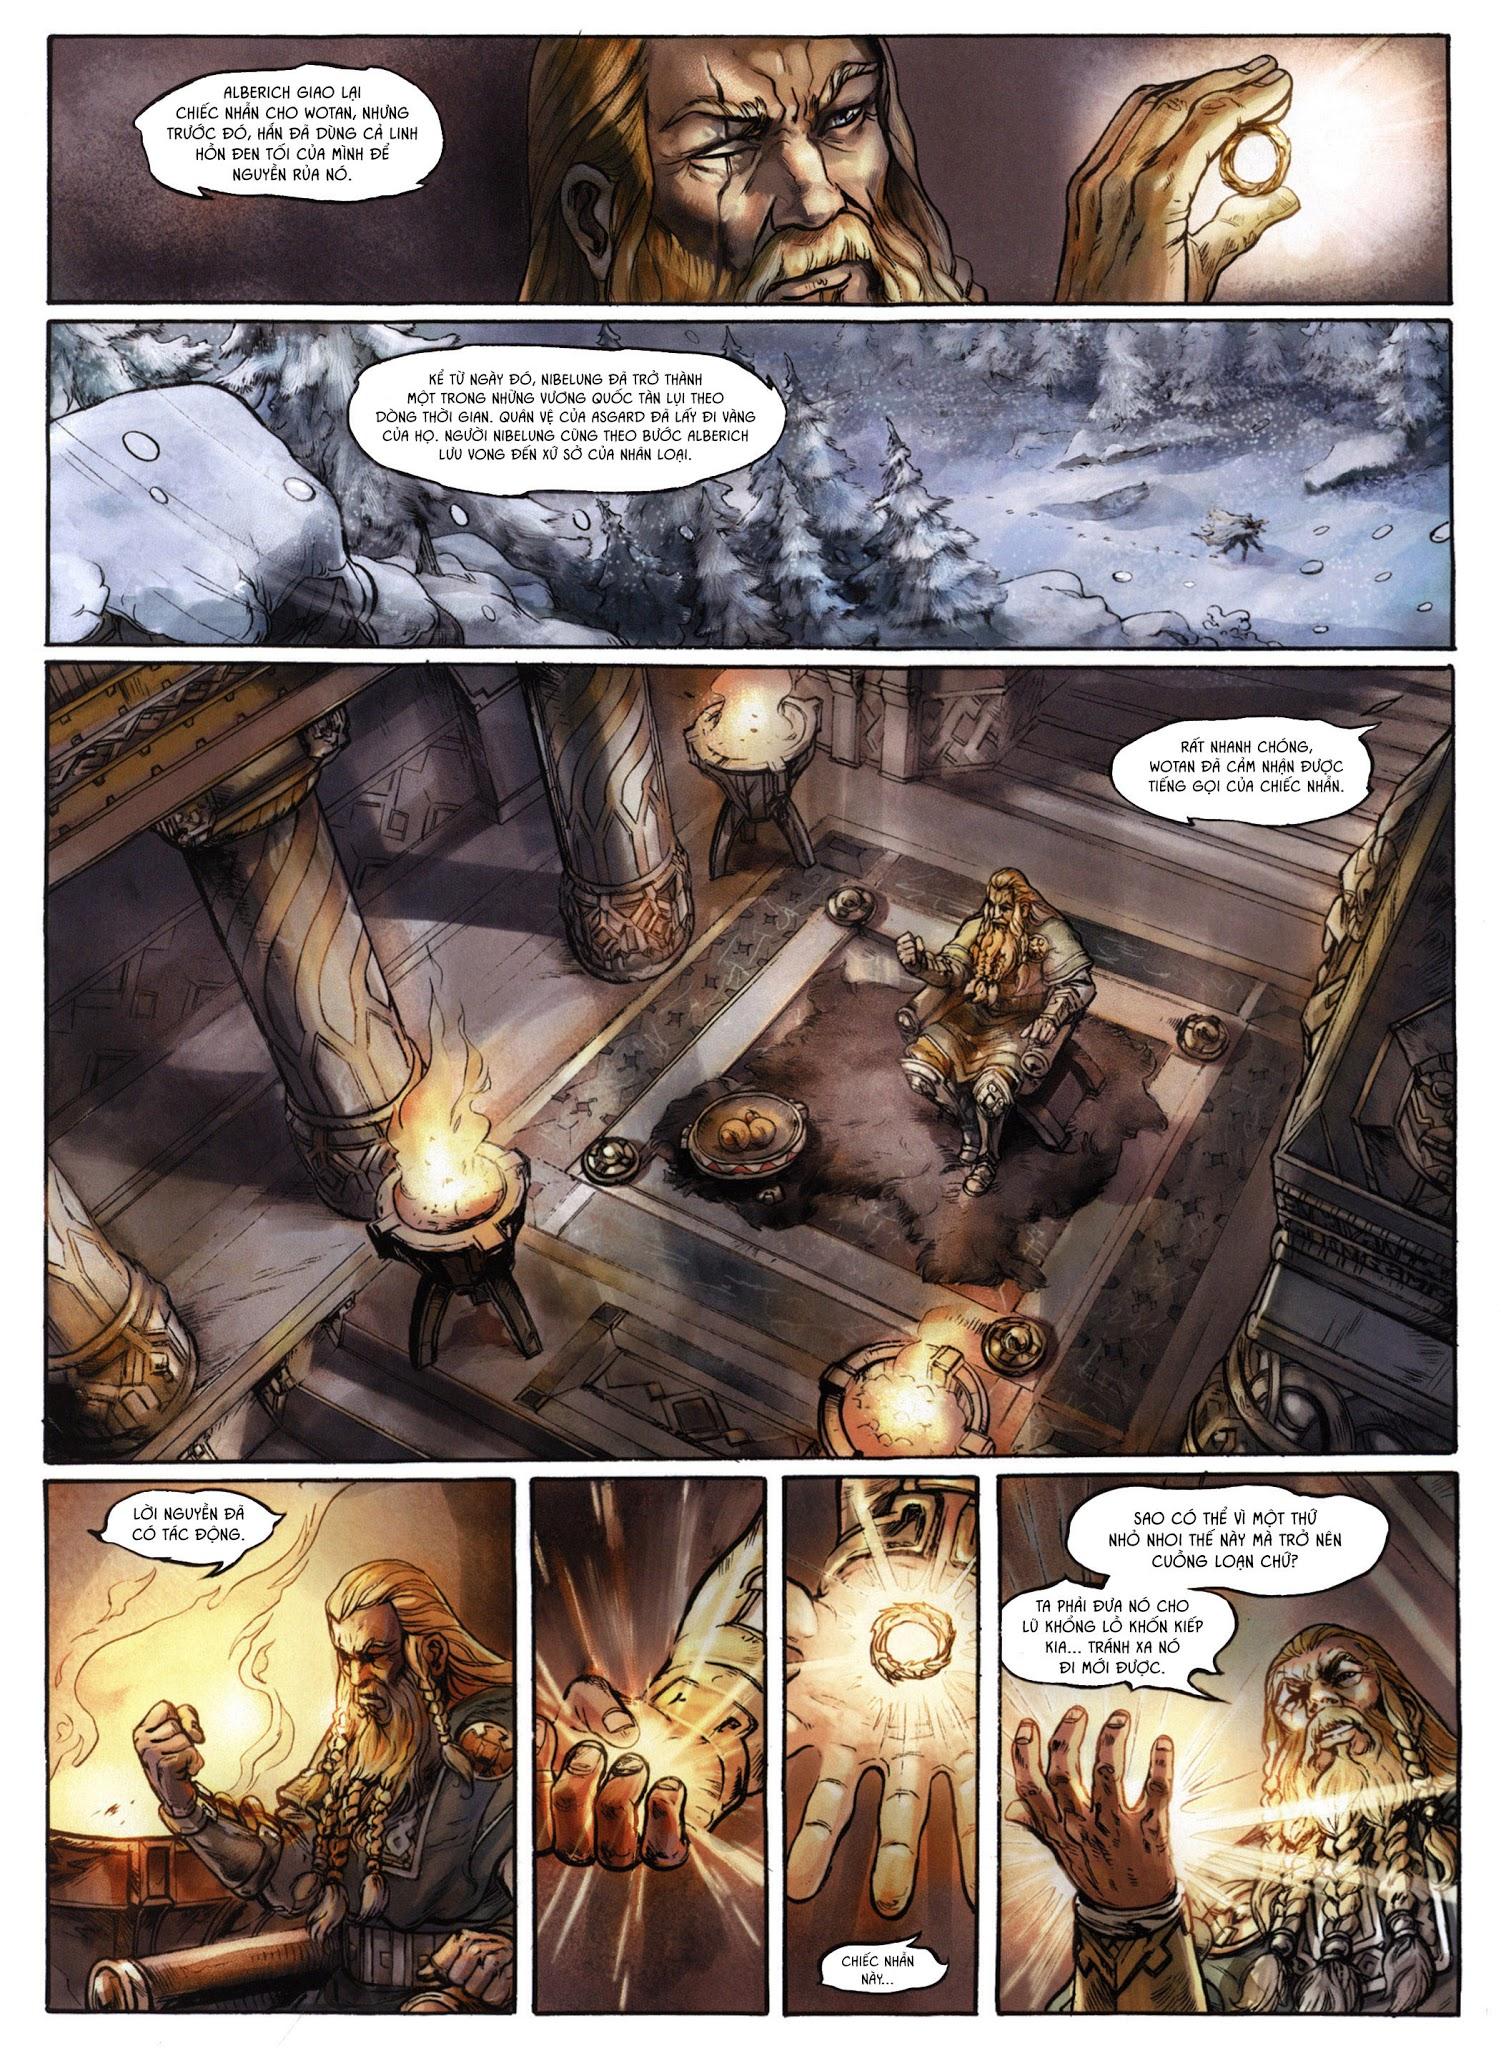 #3 - lời nguyền của chiếc nhẫn (3)